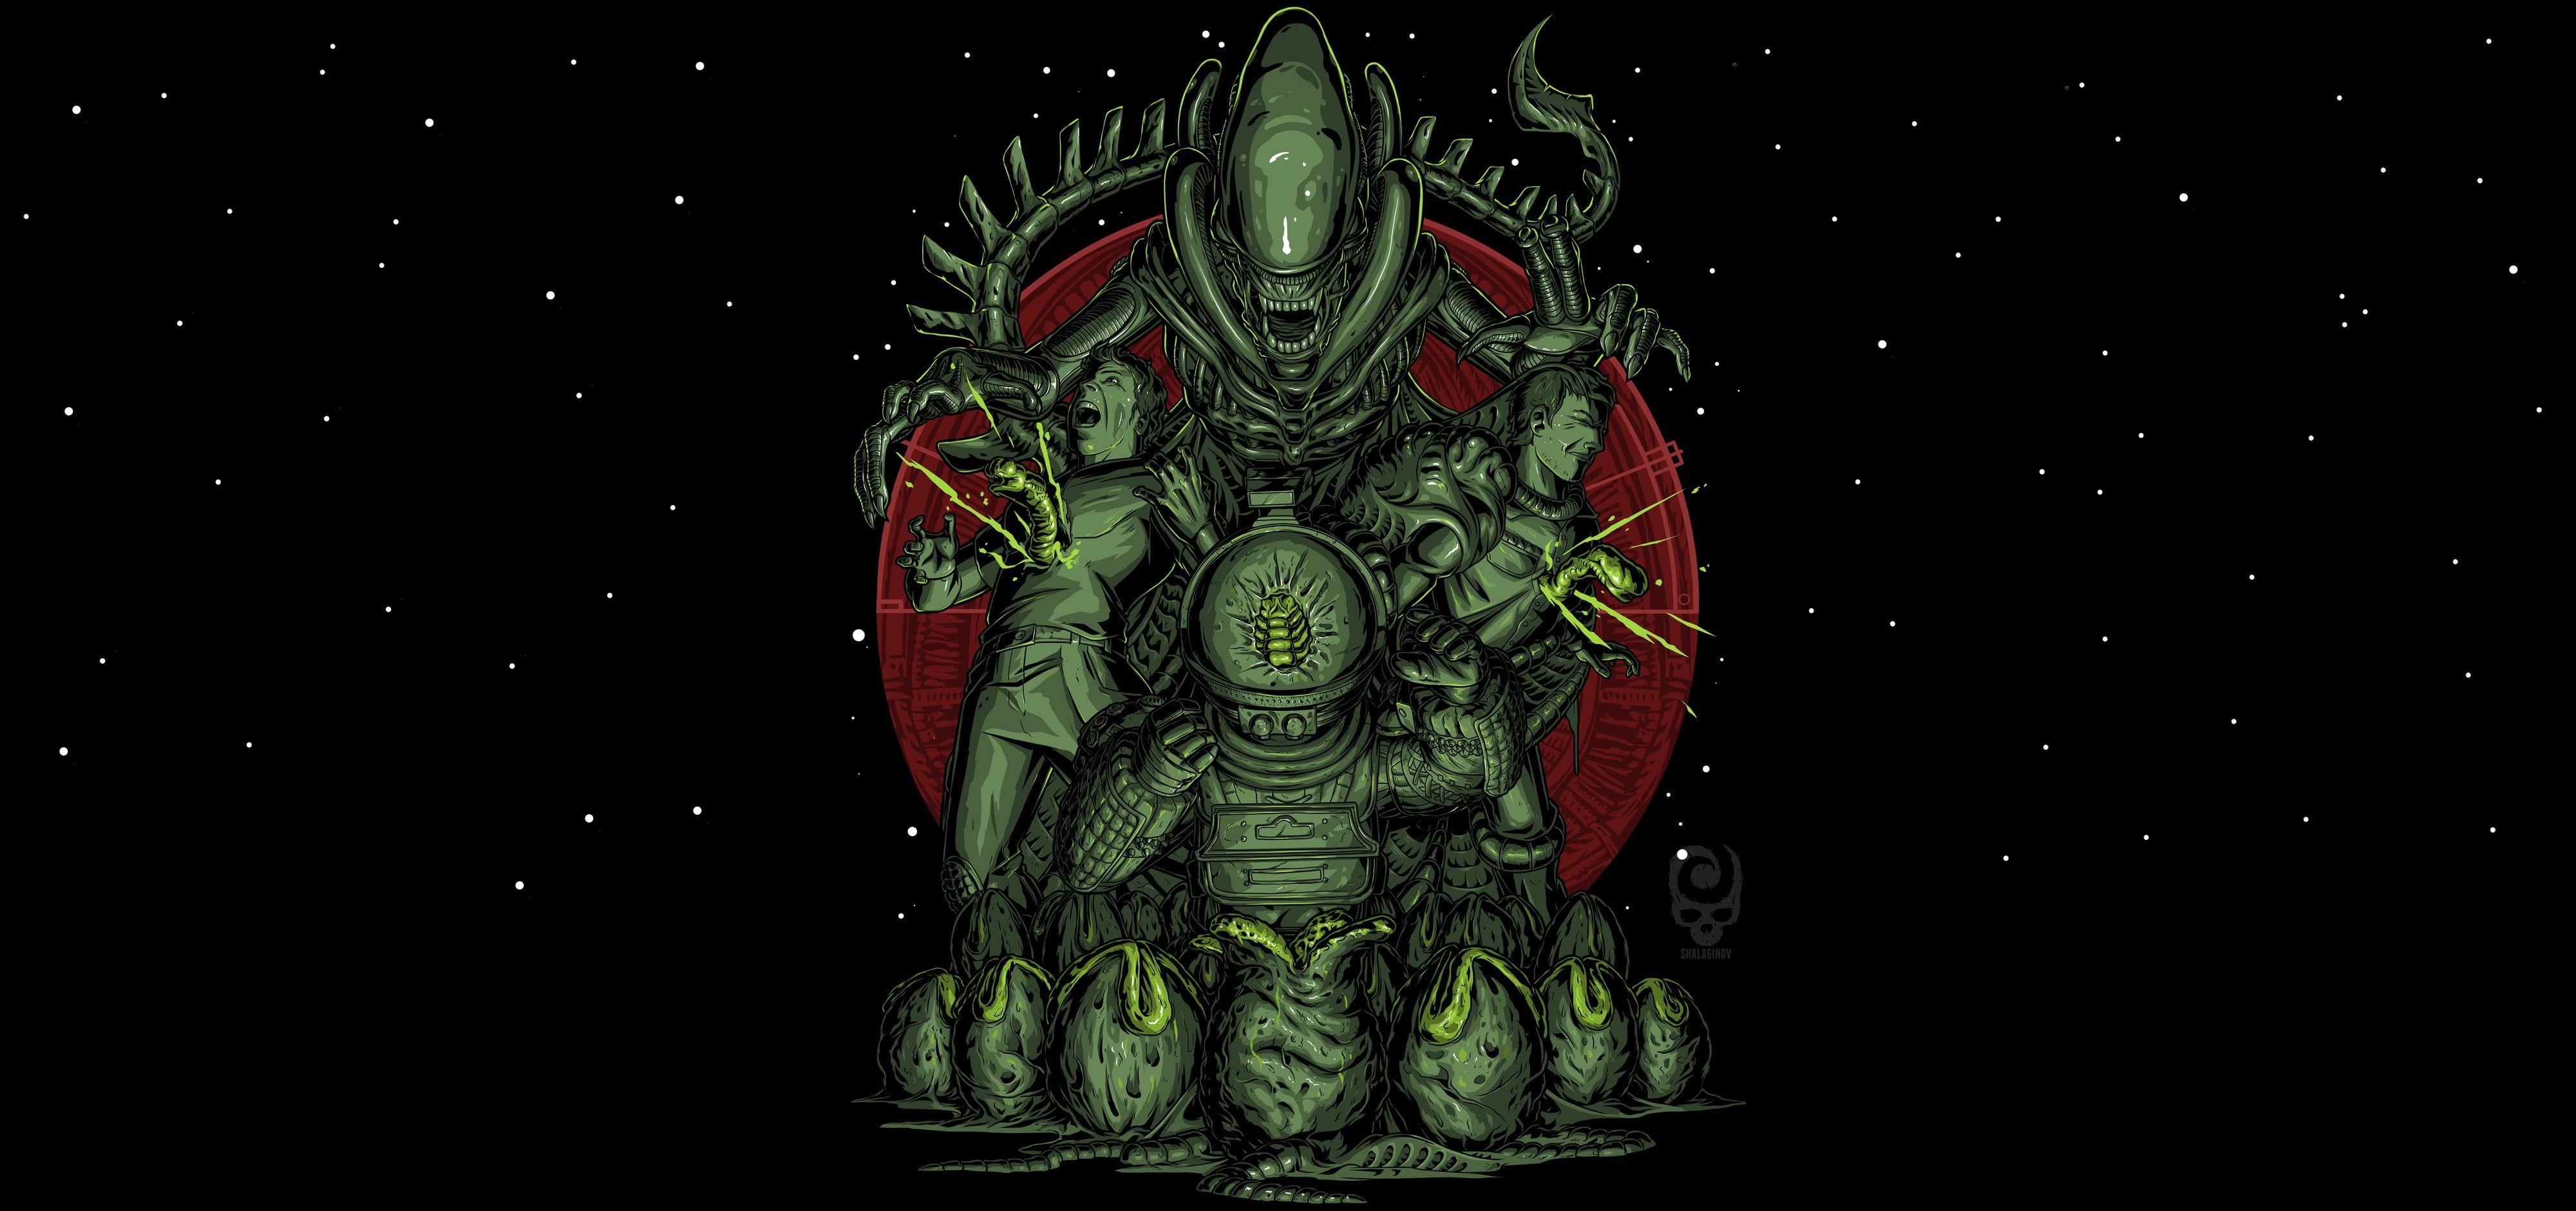 Artwork Science Fiction Horror Nikita Shalaginov Xenomorph Alien Movie 4k Wallpaper Hdwallpaper Desktop In 2020 Xenomorph Artwork Hd Wallpaper